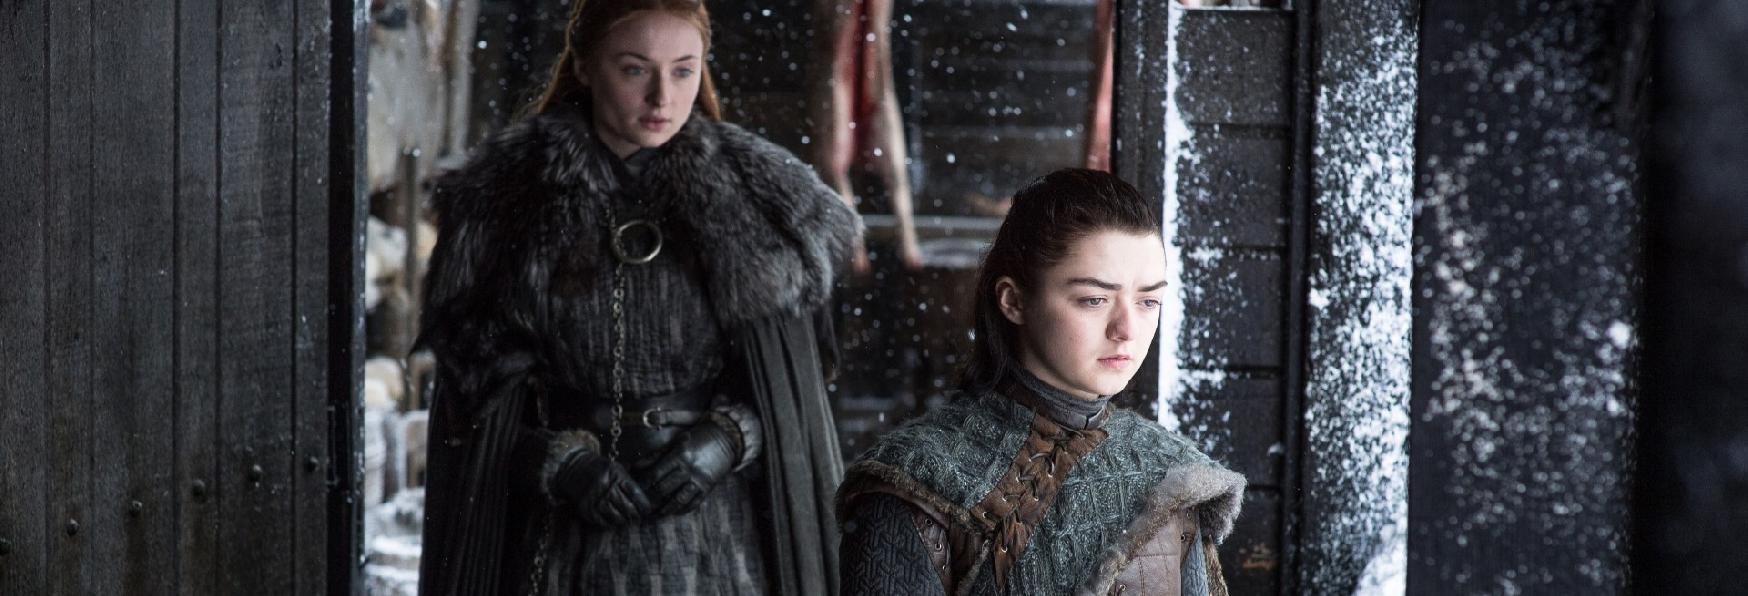 Game of Thrones: è finalmente uscito l'attesissimo trailer!